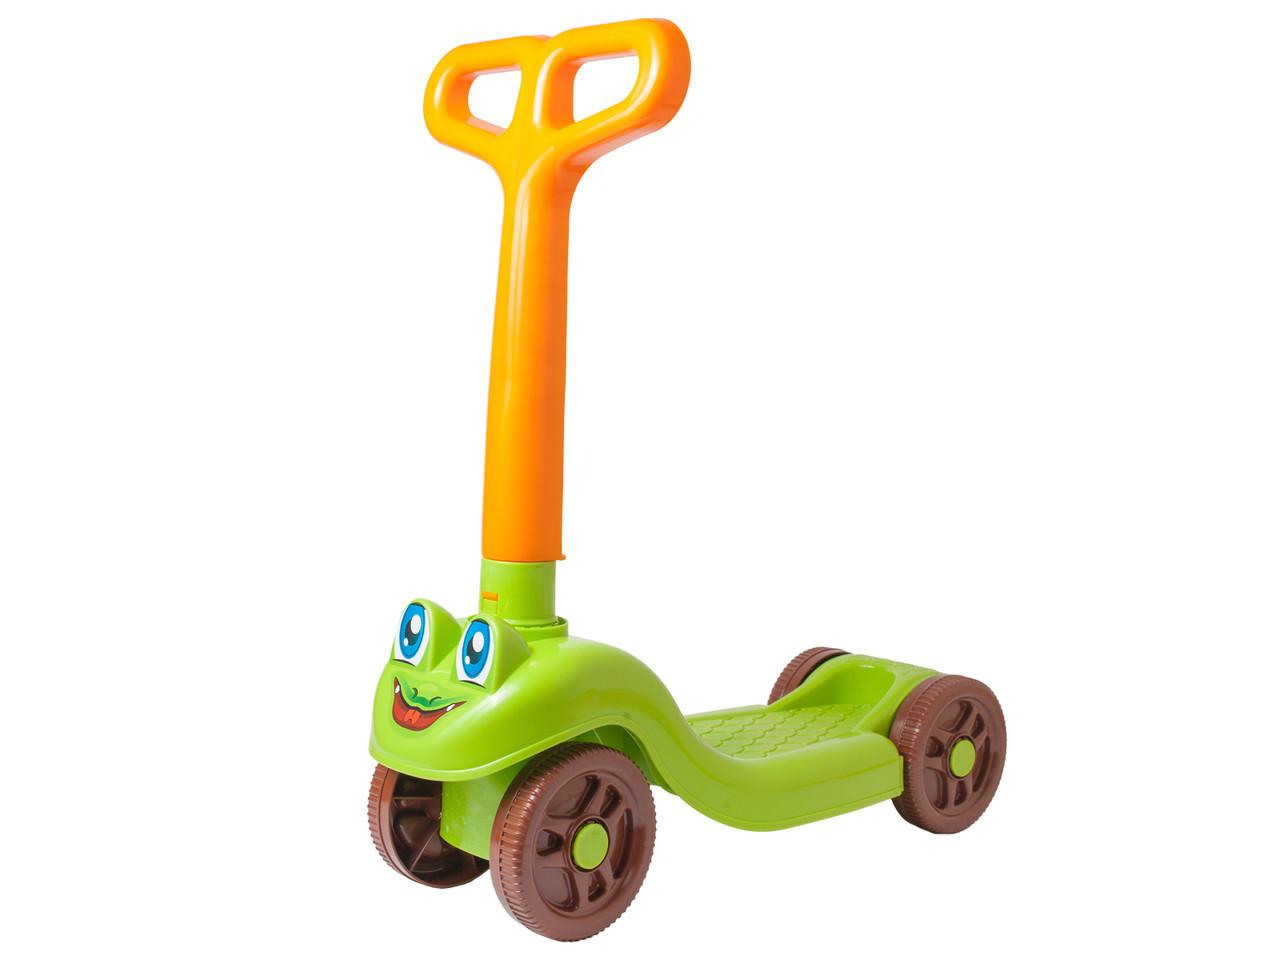 Самокат трехколесный детский ТехноК 3473 (3657) - МАМИК: оптово-розничный интернет-магазин  в Виннице